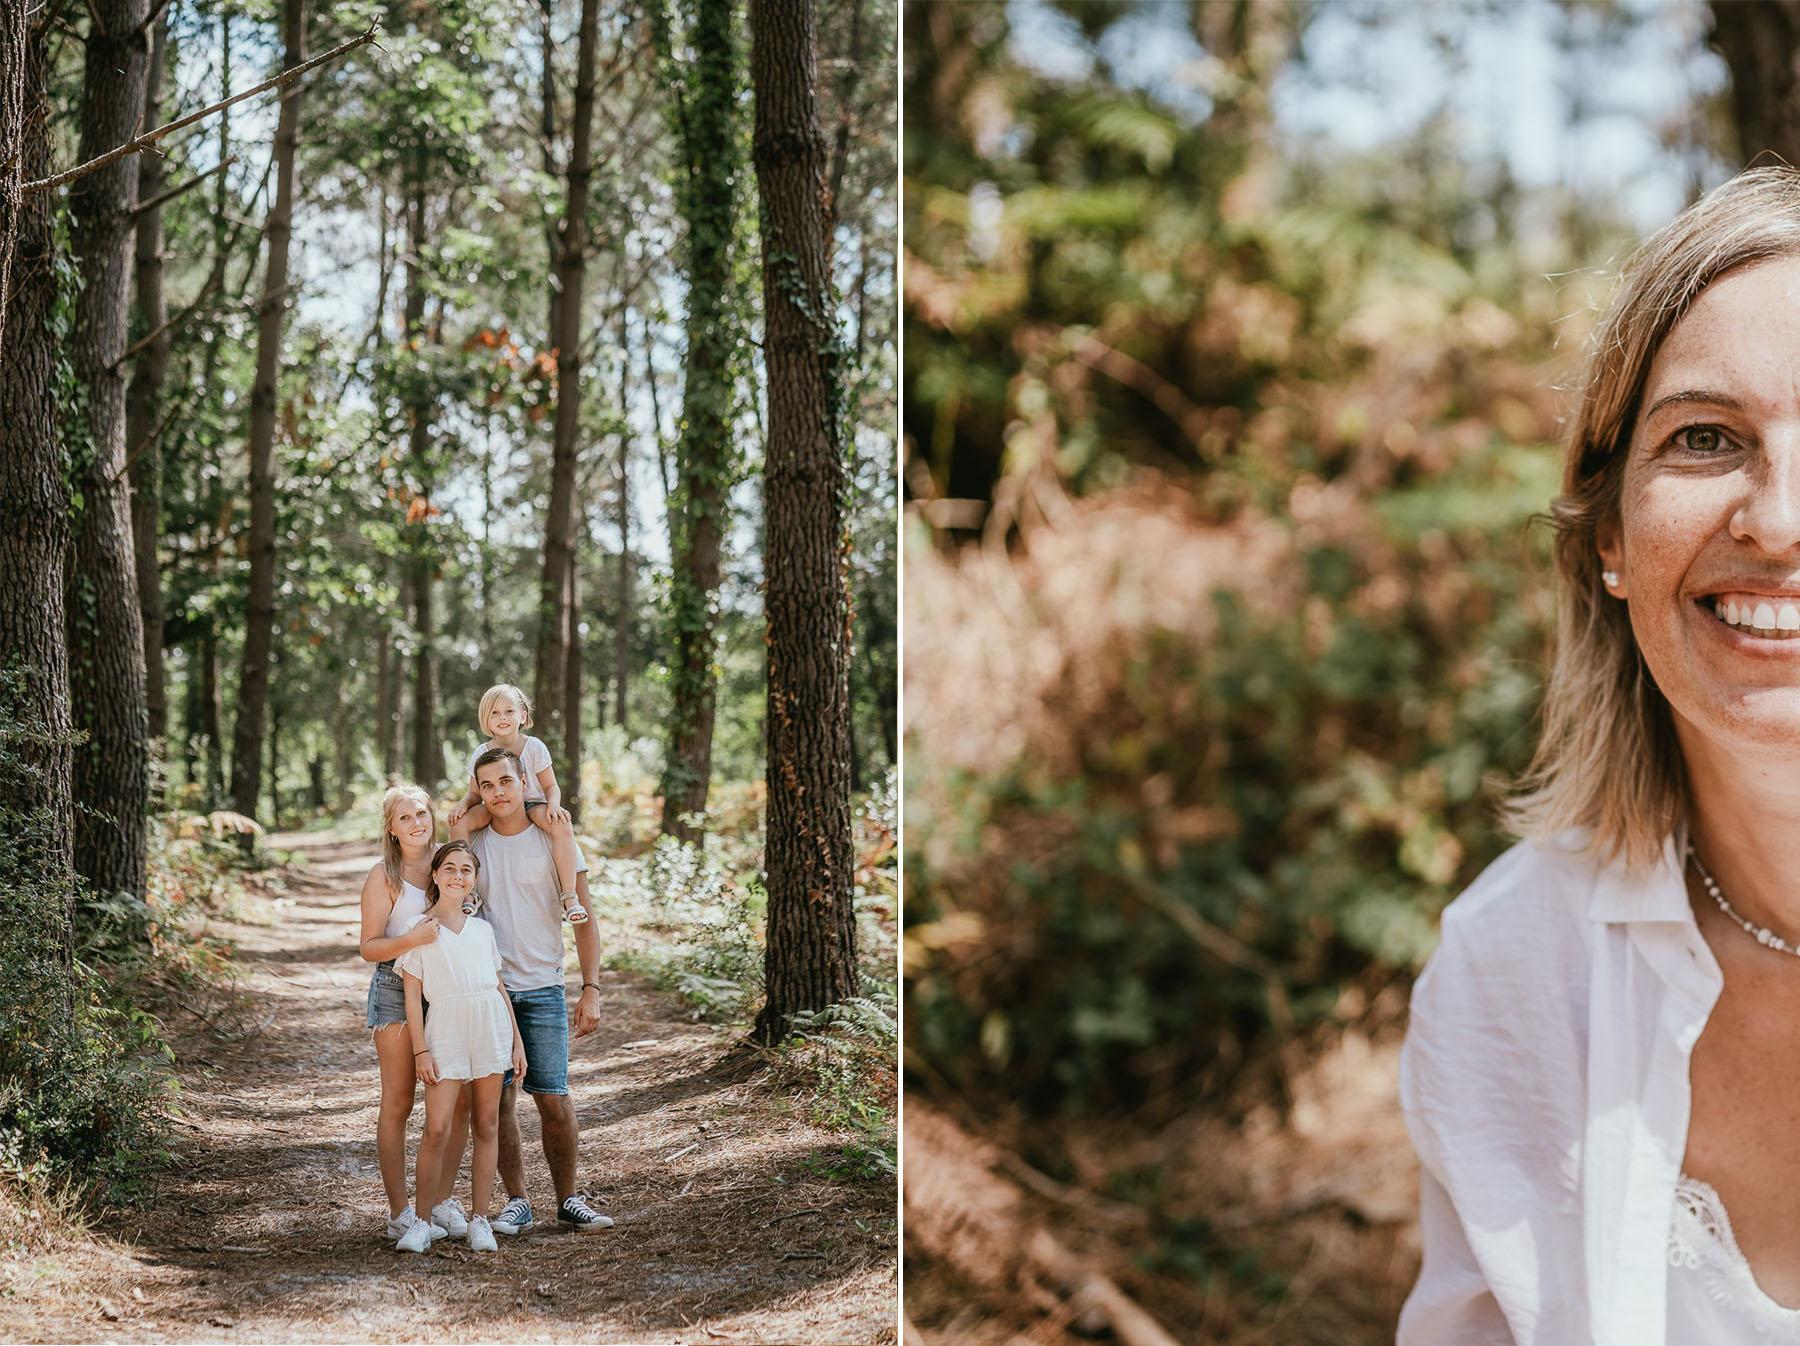 Photo famille landes capbreton plage foret photographe 1ff